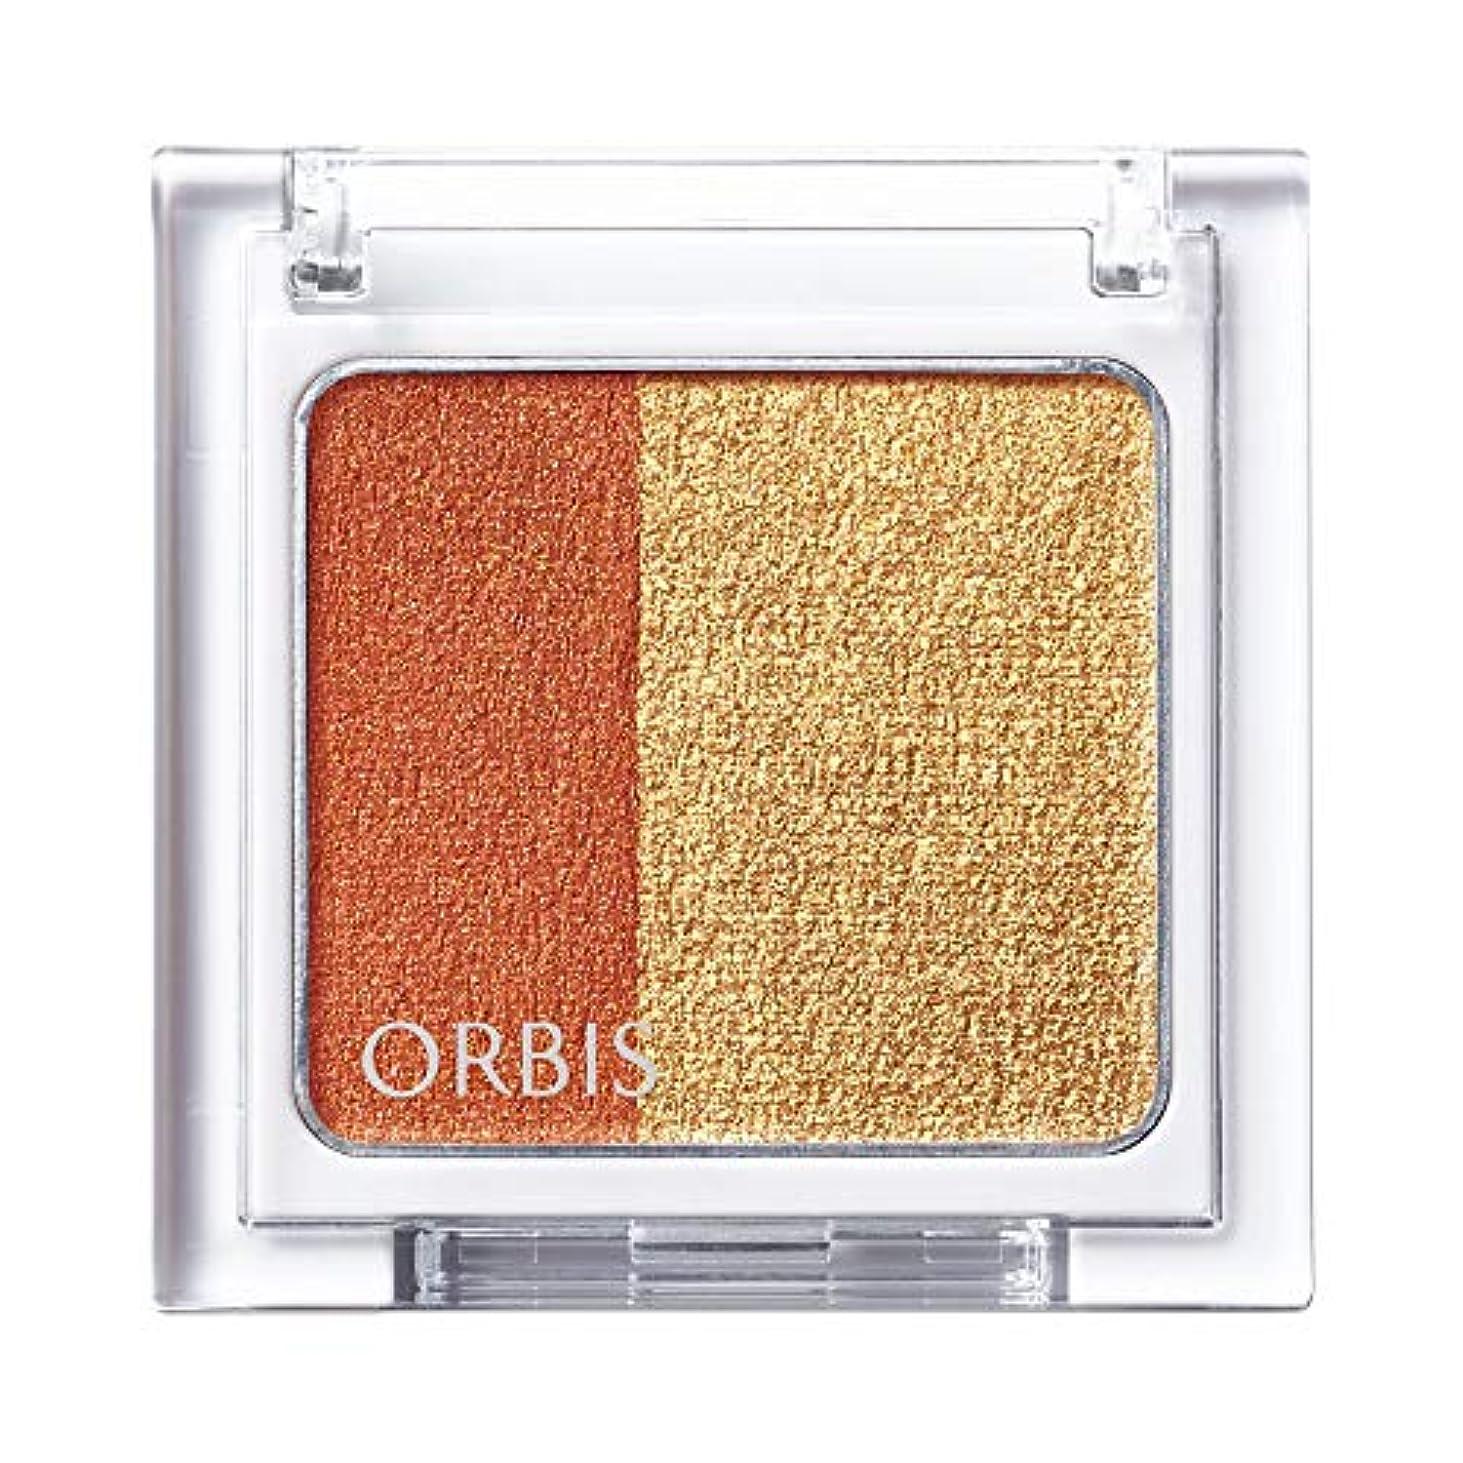 非効率的な前になるオルビス(ORBIS) ツイングラデーションアイカラー オレンジブリック(パウダータイプ) ◎アイシャドウ◎